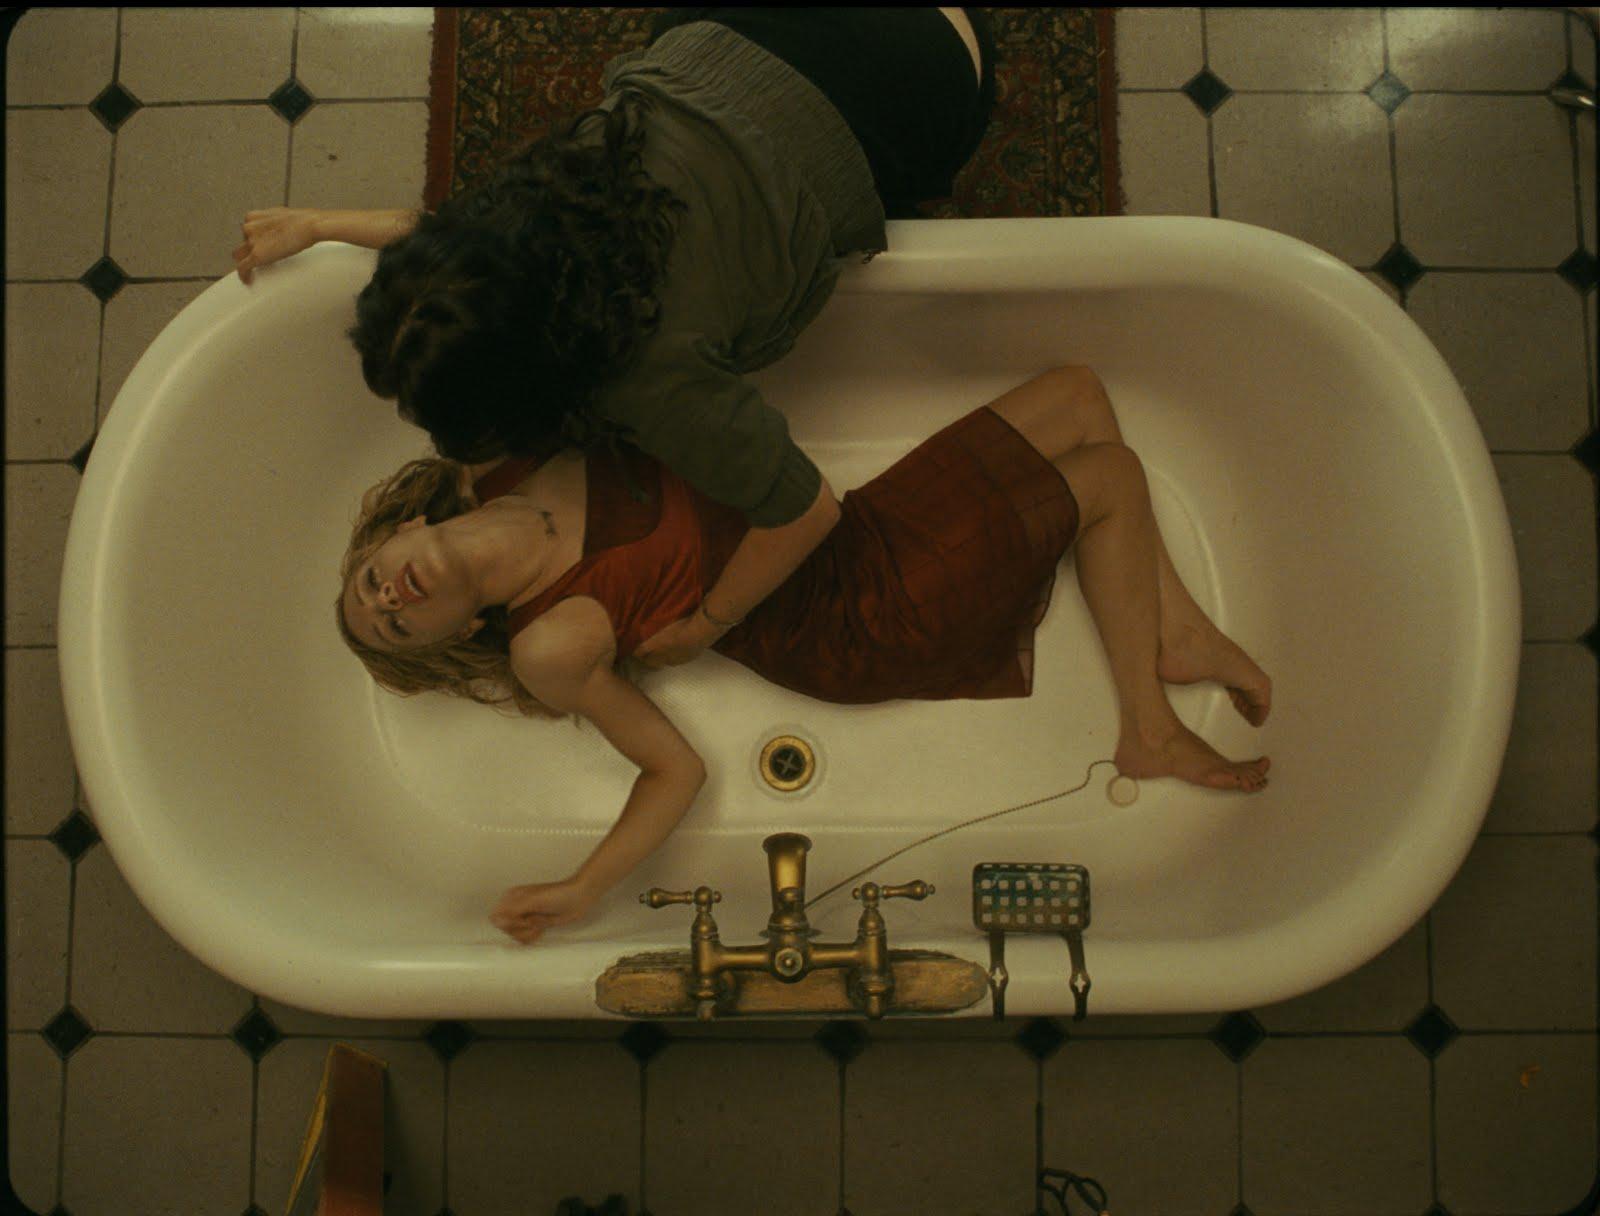 En el baño - Página 2 DEAD_BRIT_016_000